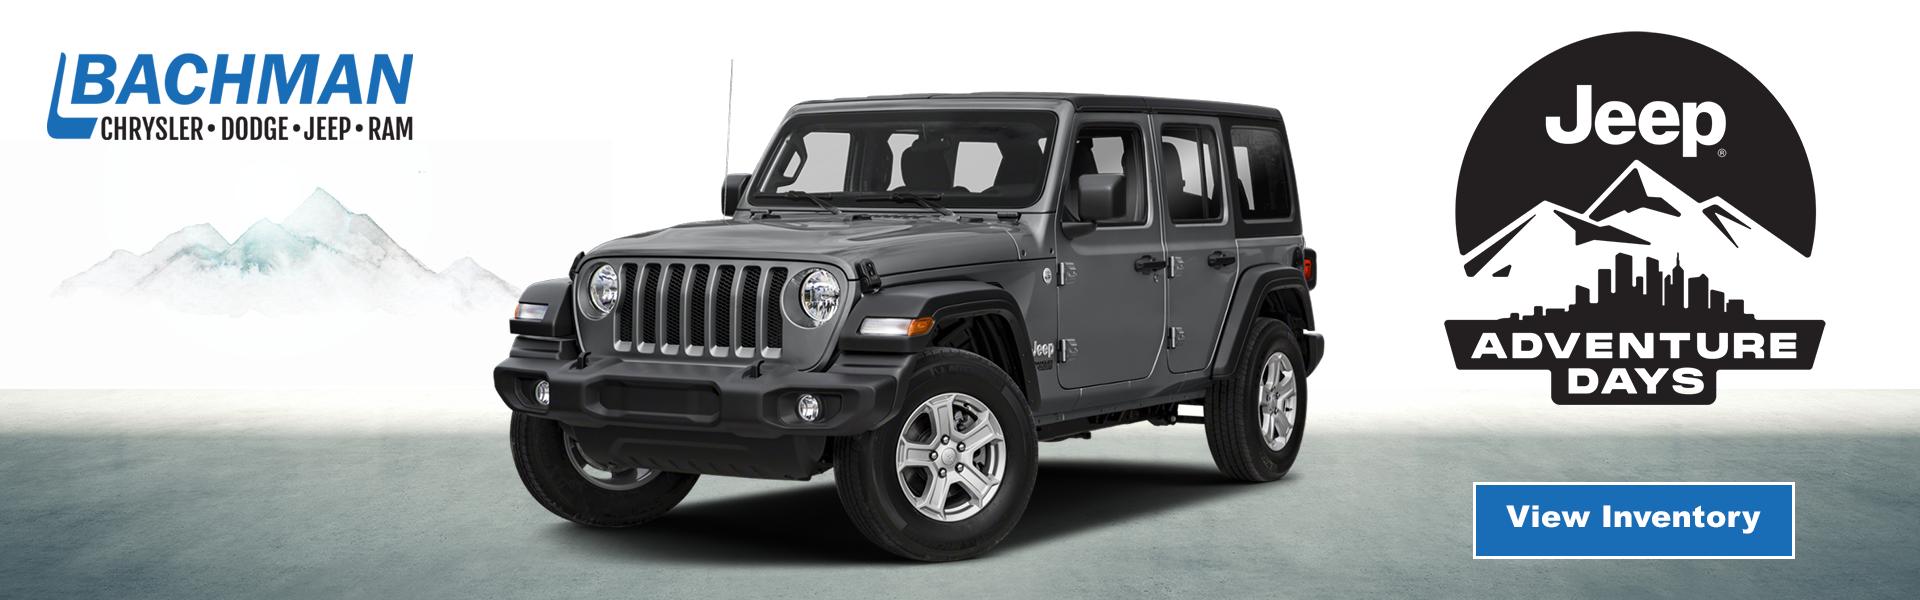 09-CDJR-jeep